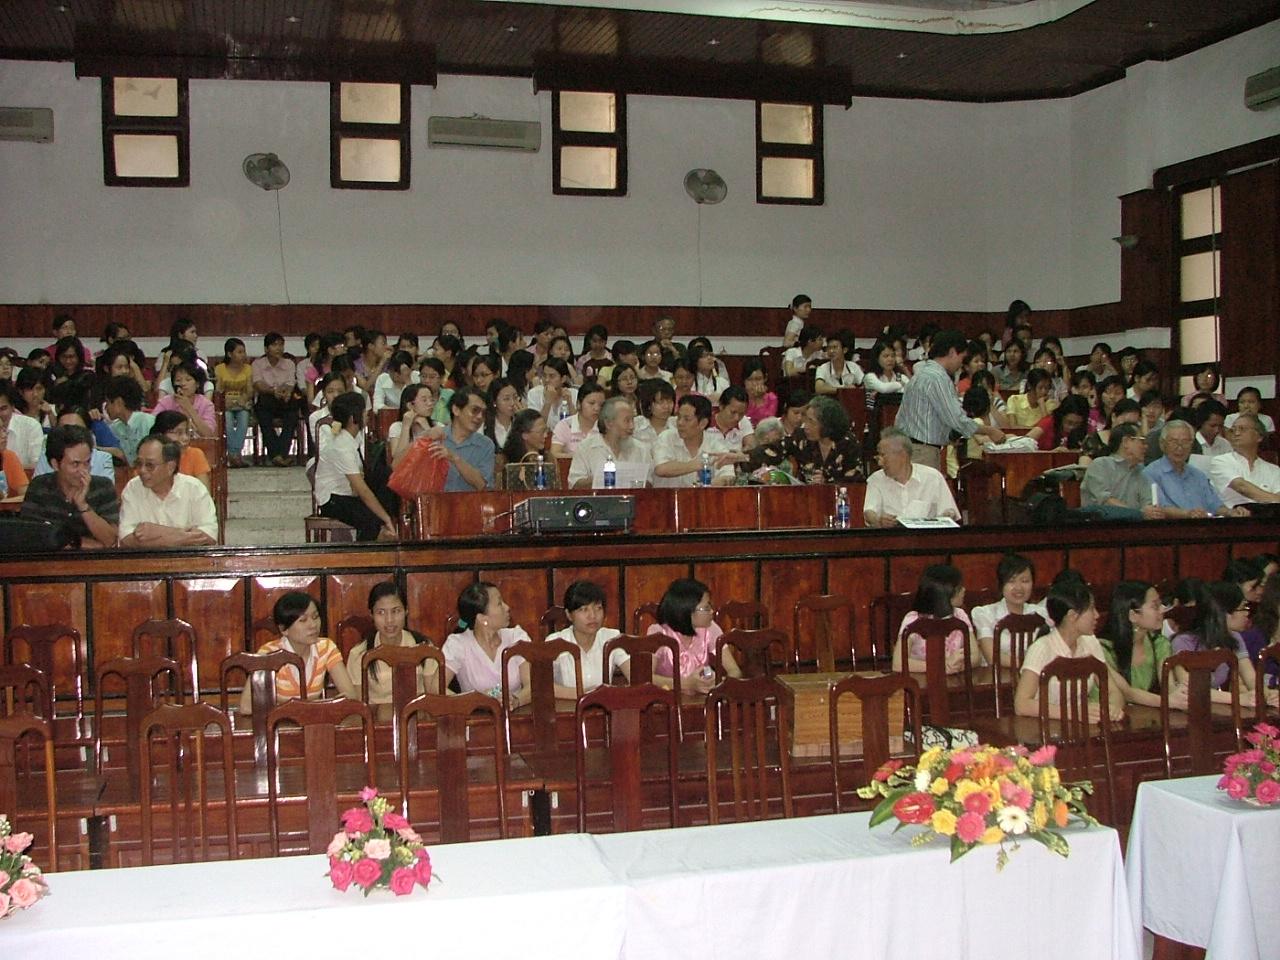 sinh-ven-va-giao-vien-khoa-van-dhsp-hn-to-chuc-xem-phim-nguyen-van-vinh-ngay-8-5-2009